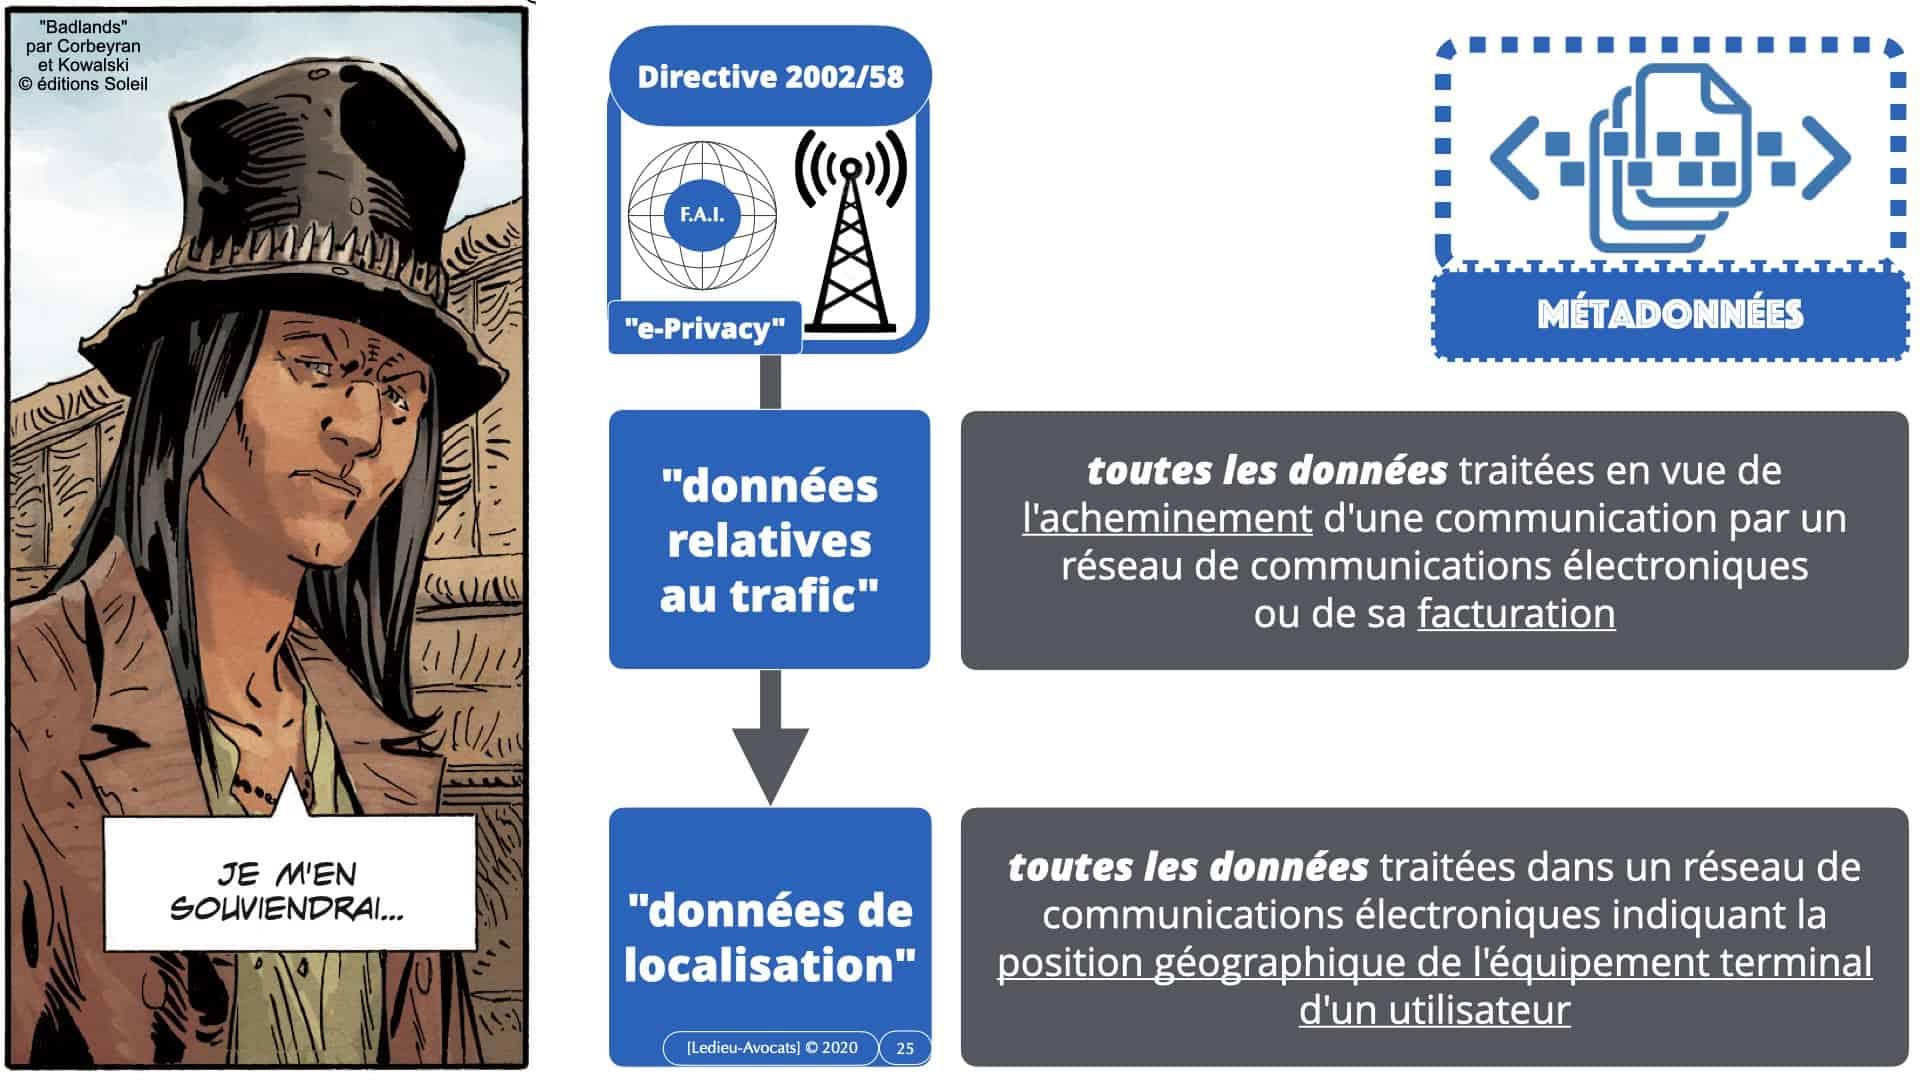 métadonnées et données personnelles : la législation européenne actuelle (pas très claire...)